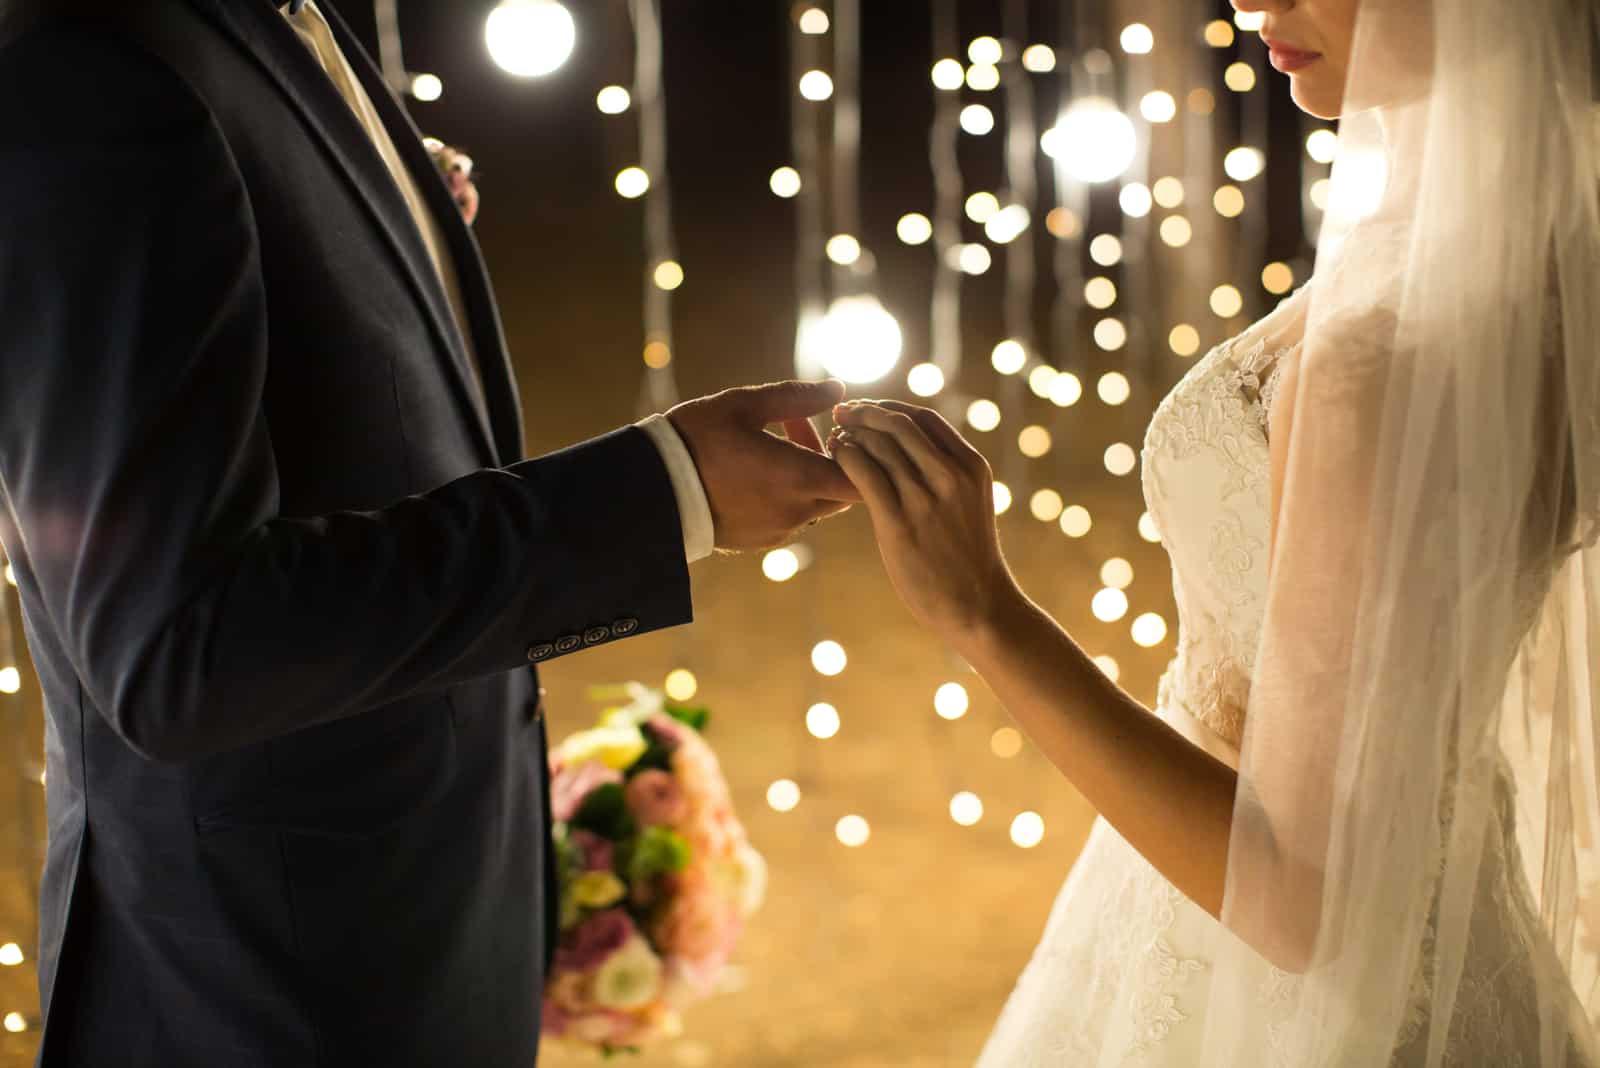 Abendliche Hochzeitszeremonie